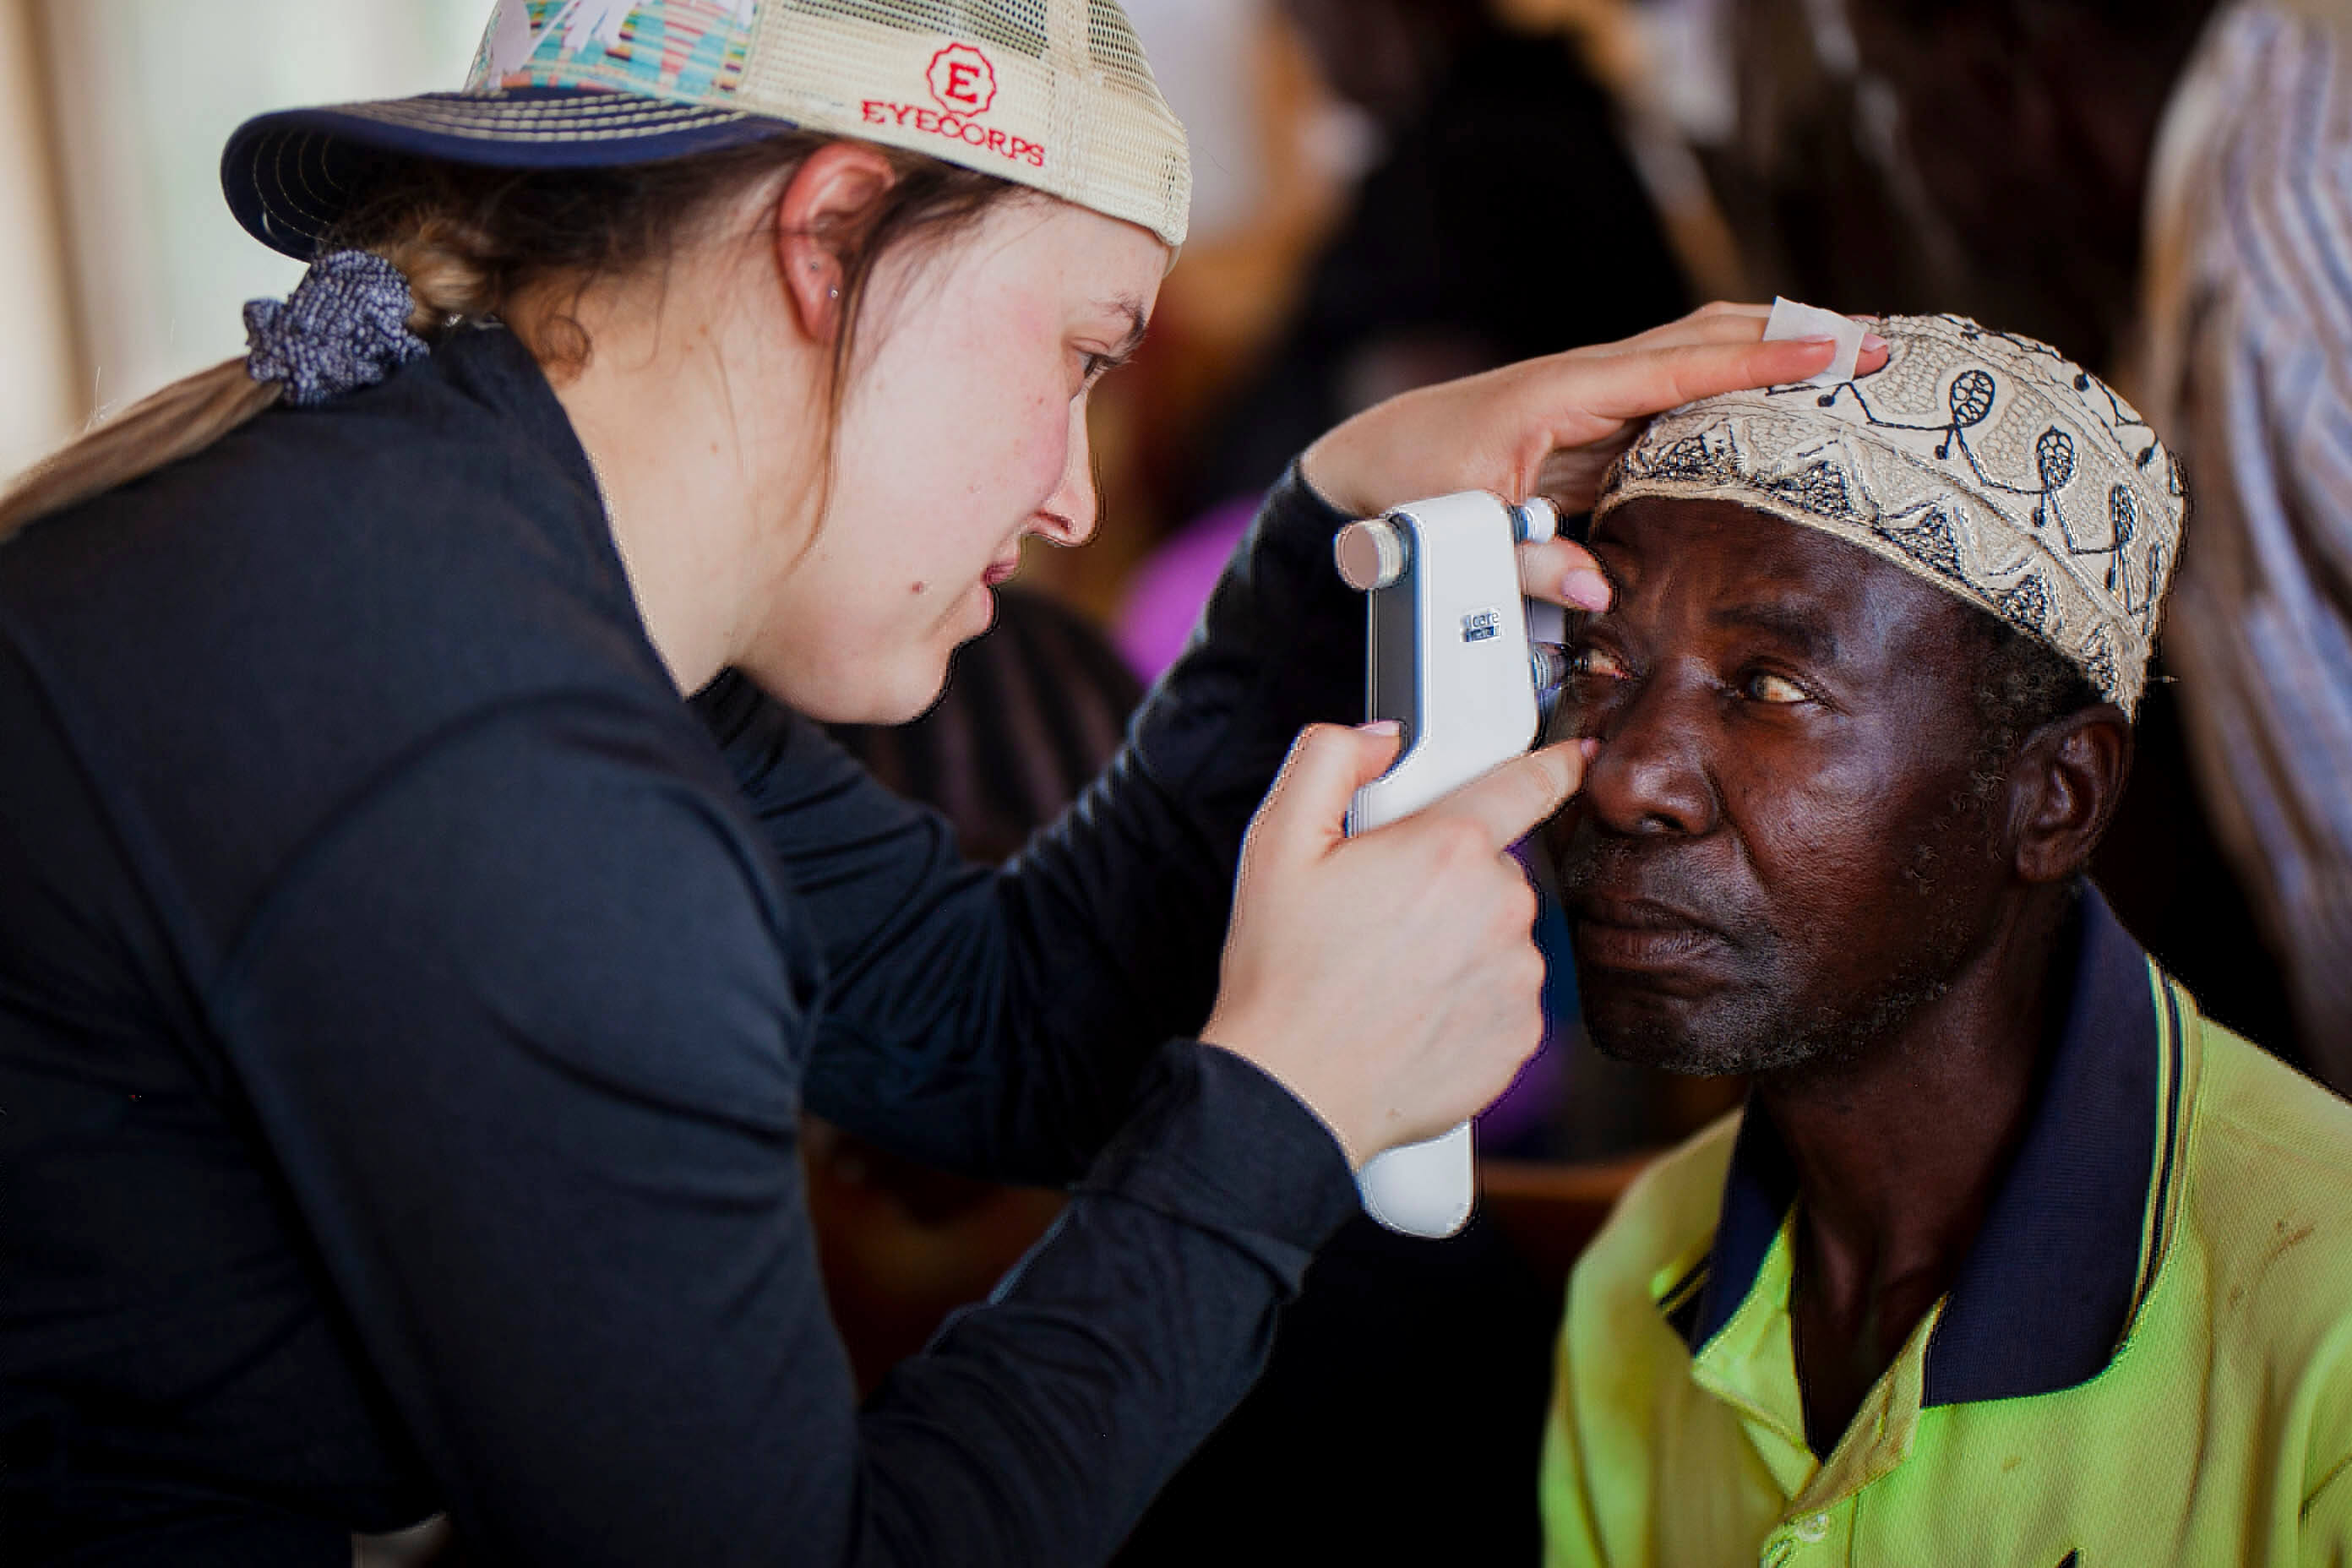 Medical staff examining eyes of Tanzanian man.